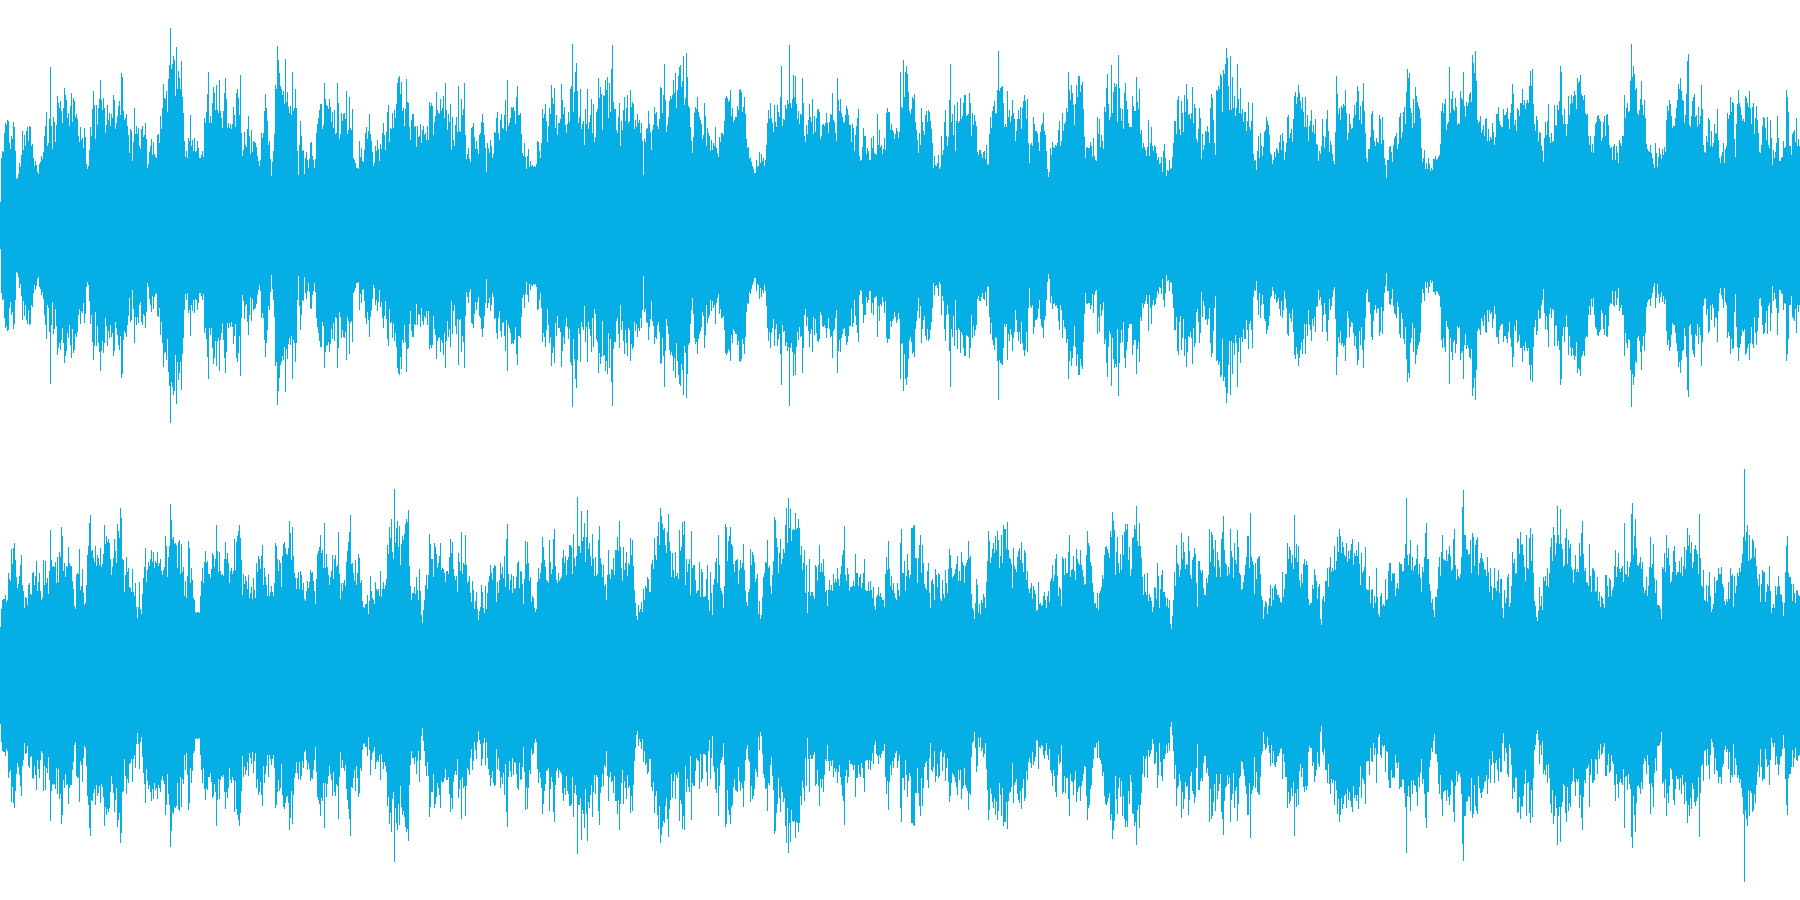 【ドラム抜き】浮遊感、宇宙感のあるテクノの再生済みの波形